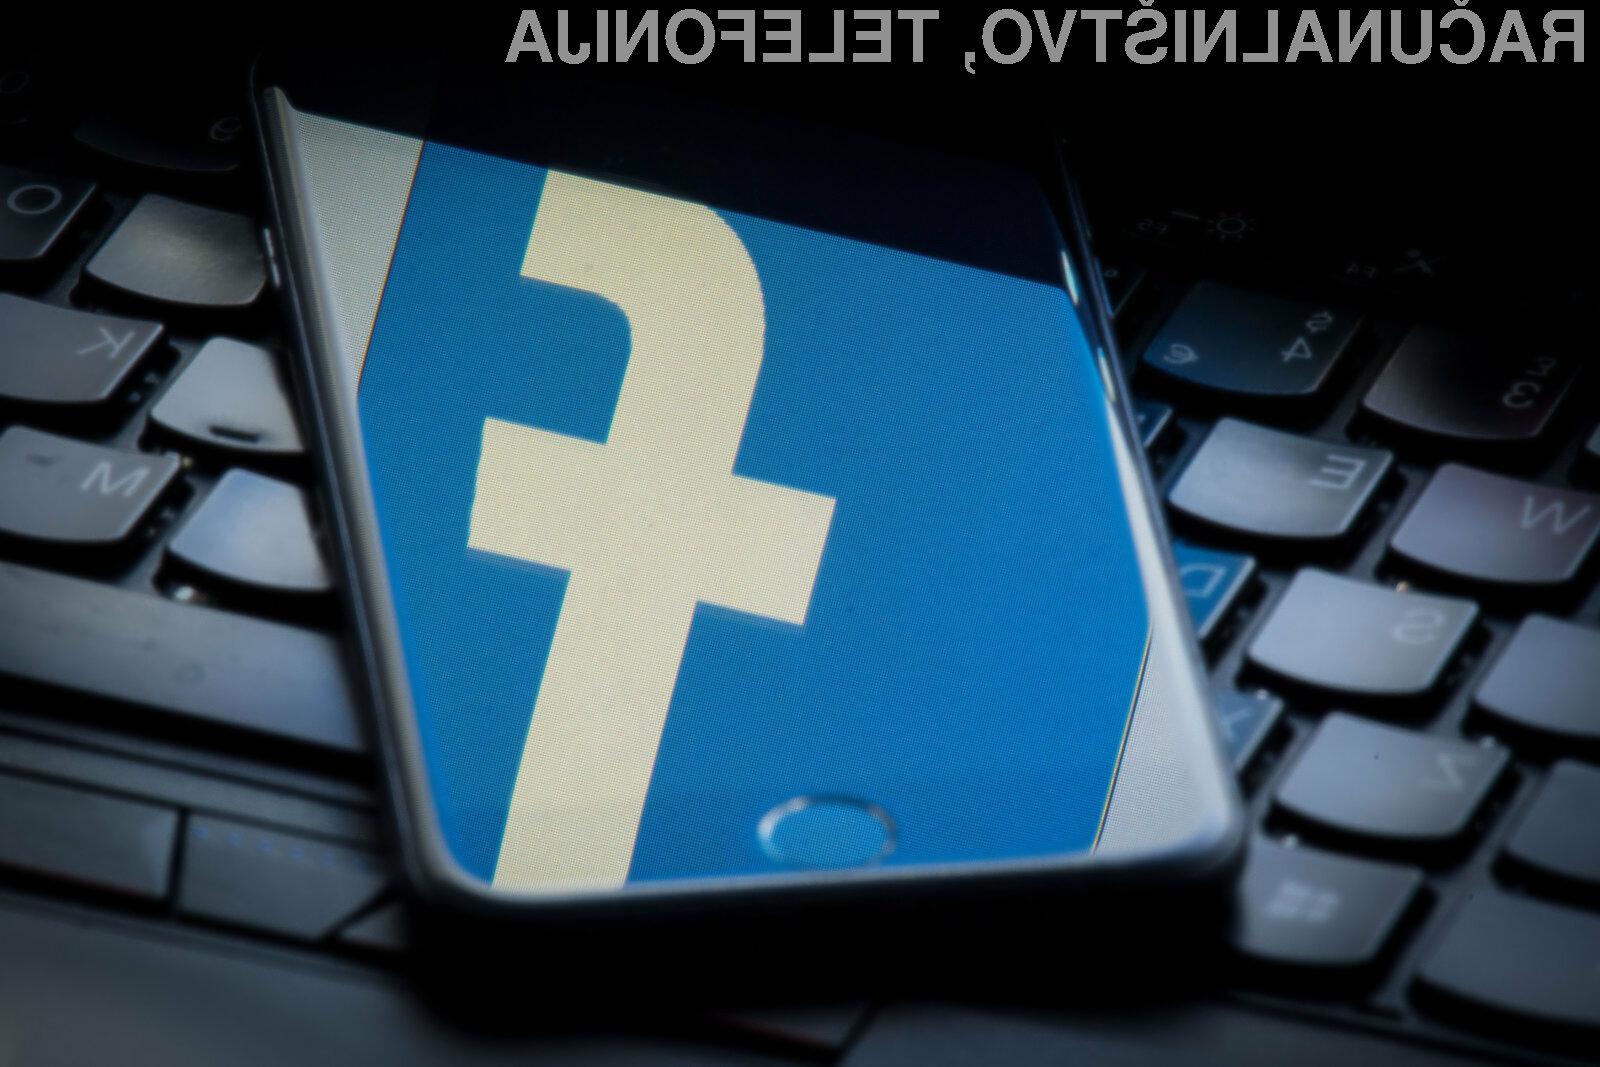 Facebook je tokrat izpostavil osebne podatke 6,8 milijonov uporabnikov preko 1.500 različnih aplikacij.